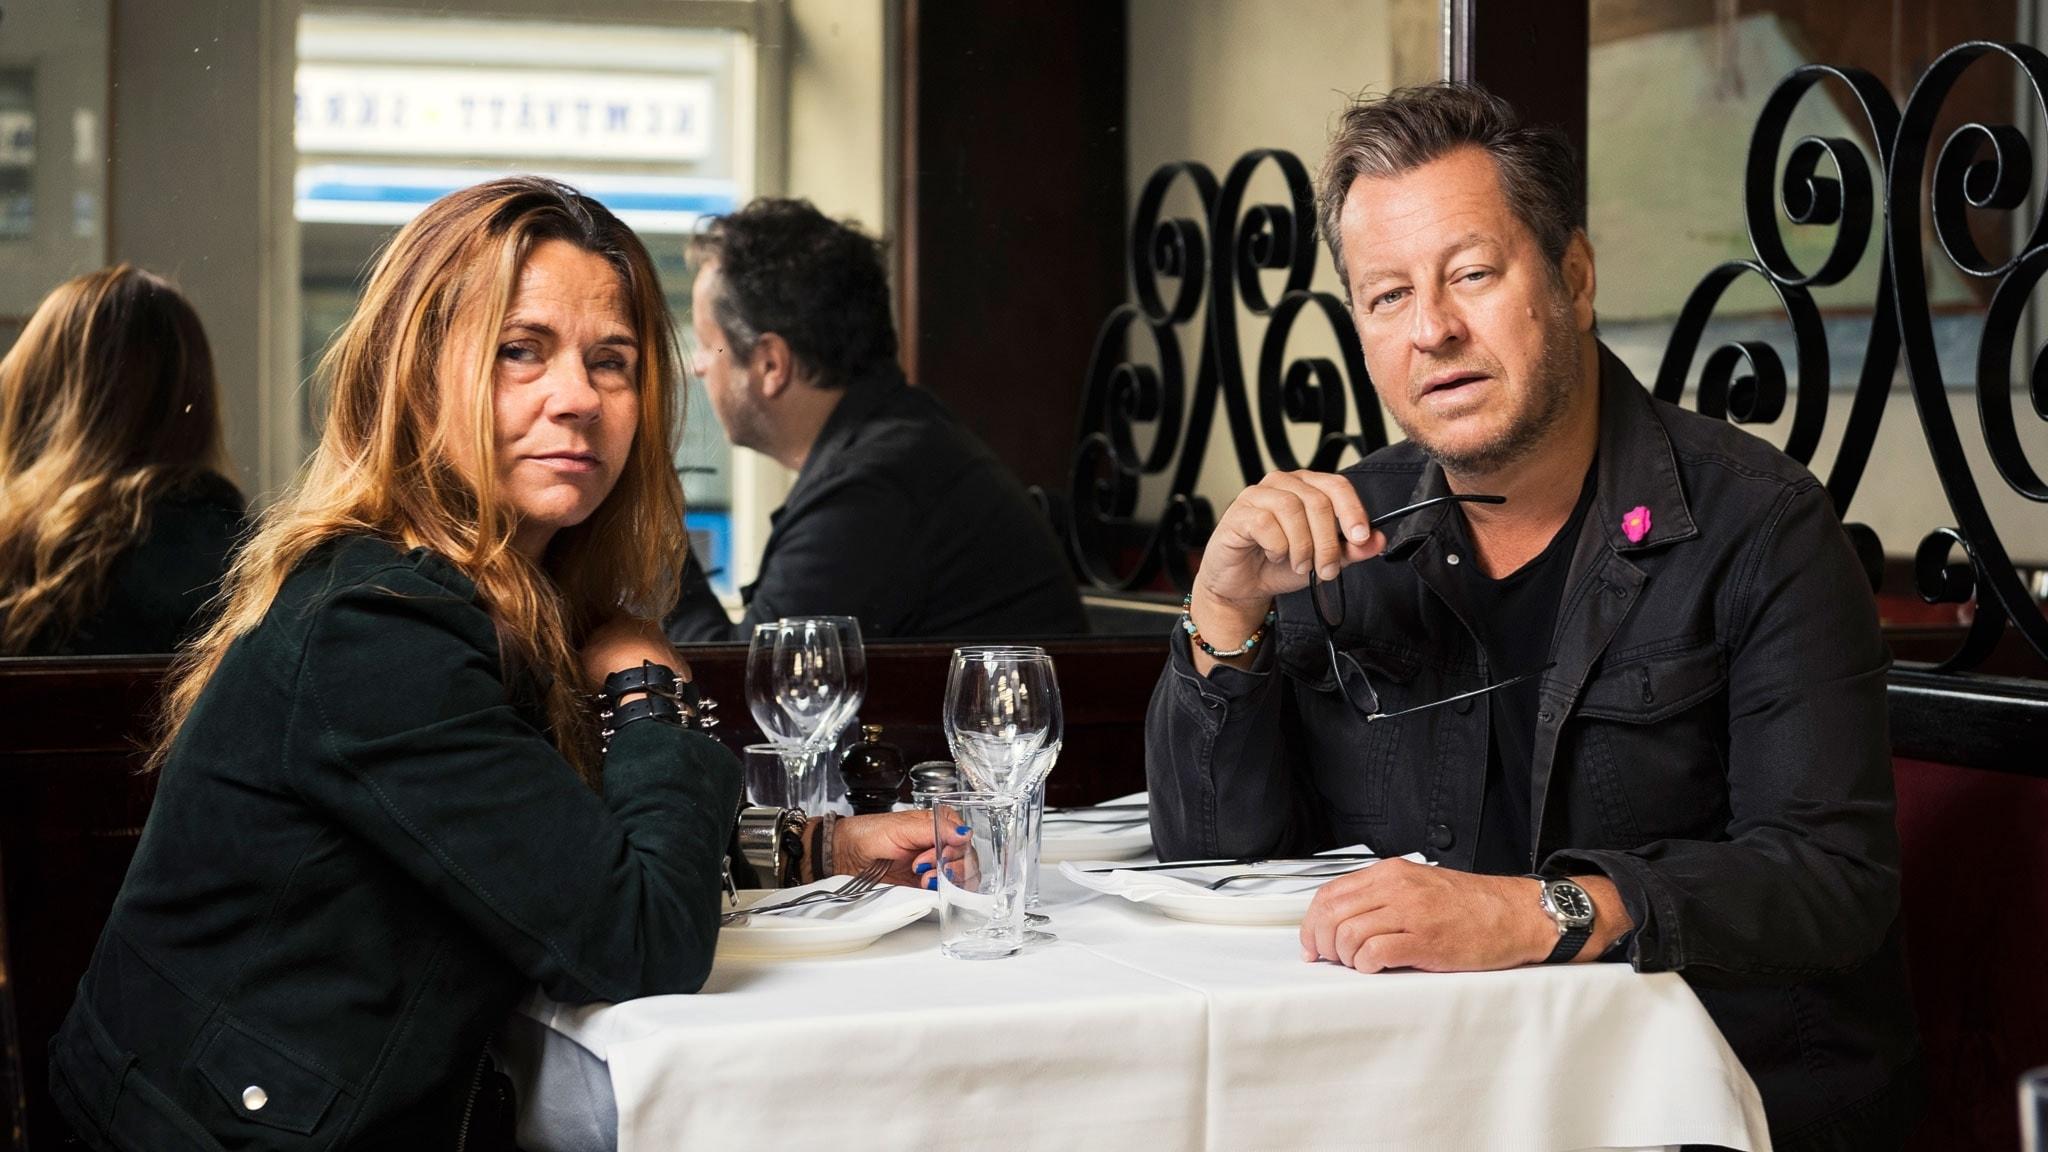 Katarina Hahr möter artisten Mauro Scocco i ett samtal om kärlek